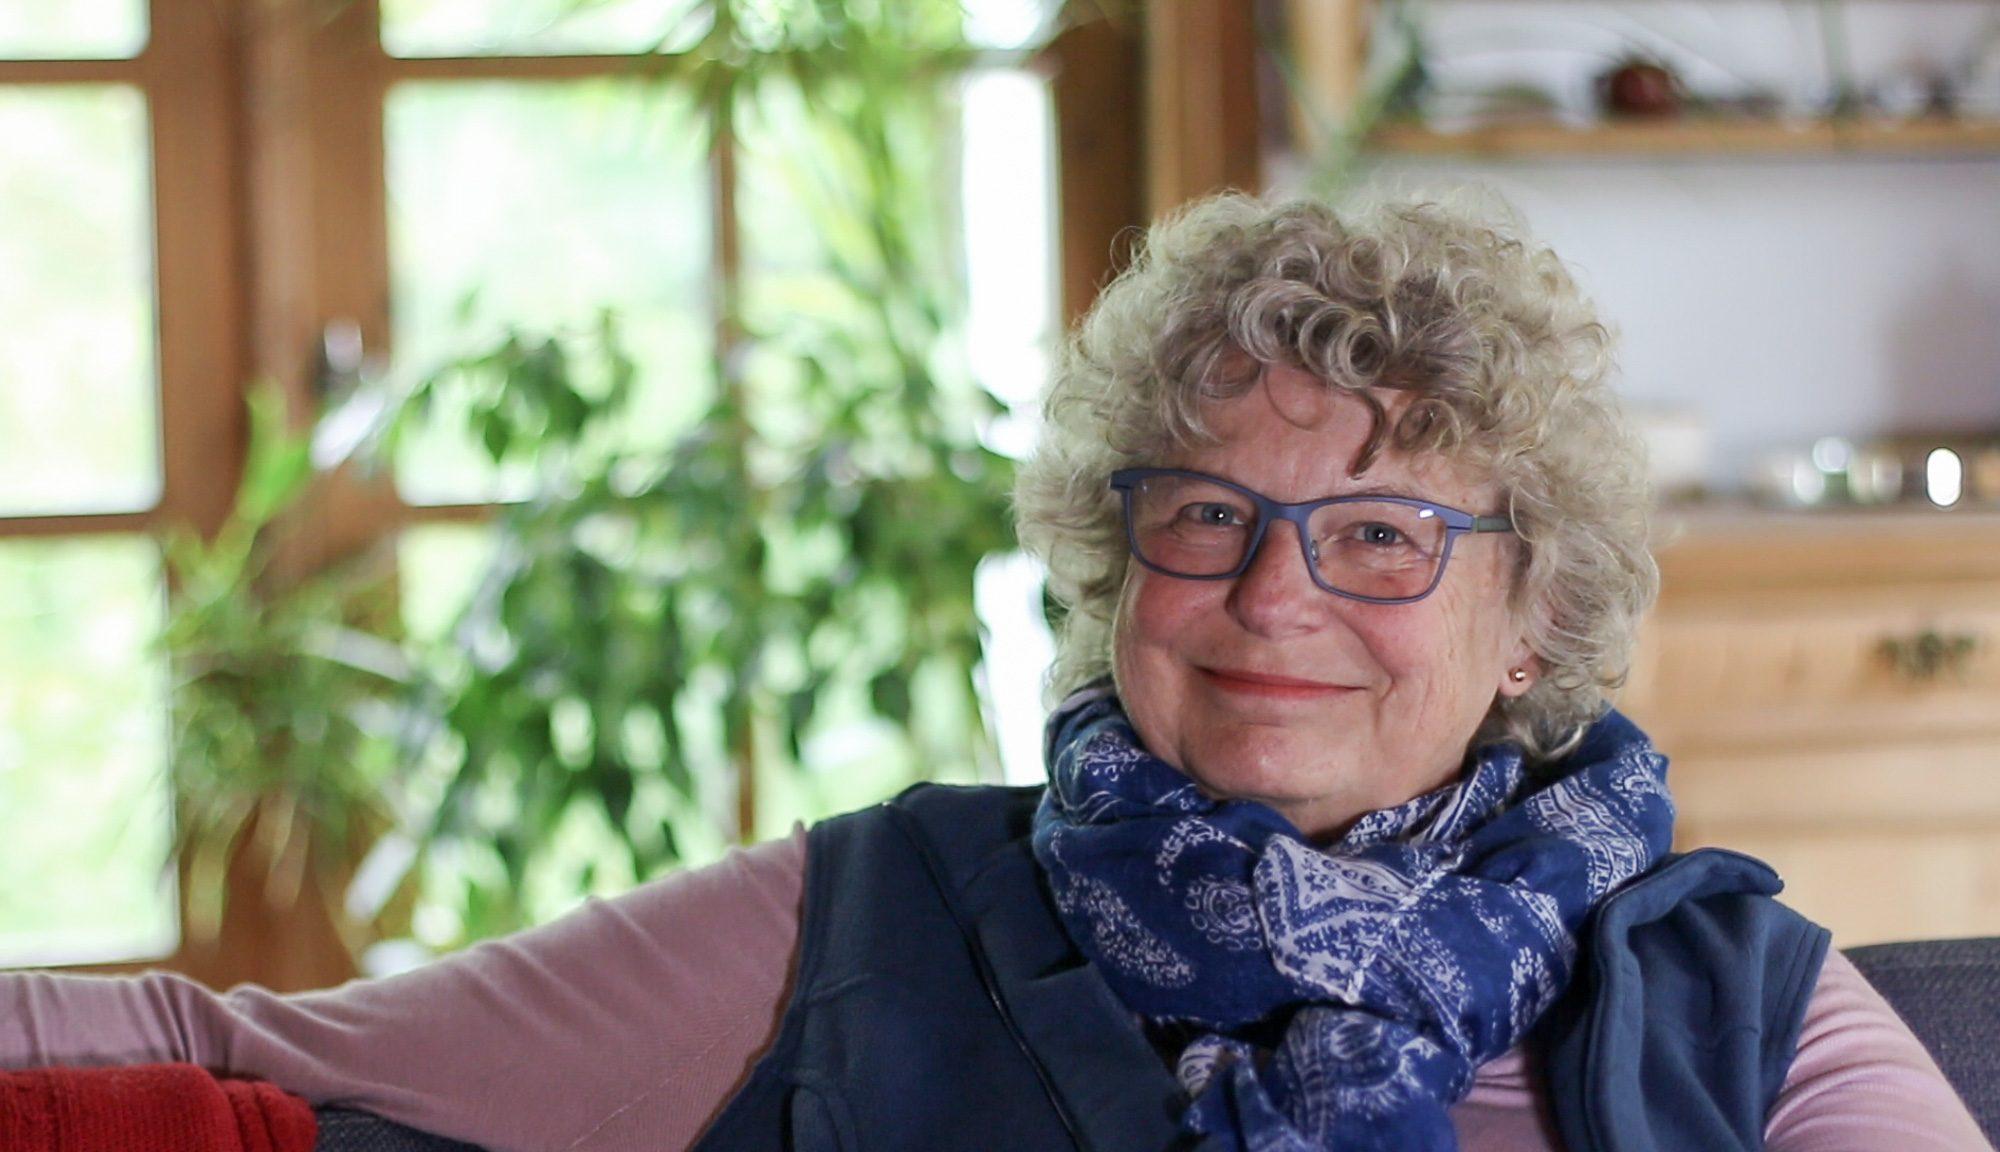 Ute lebt seit 30 Jahren in Dänemark